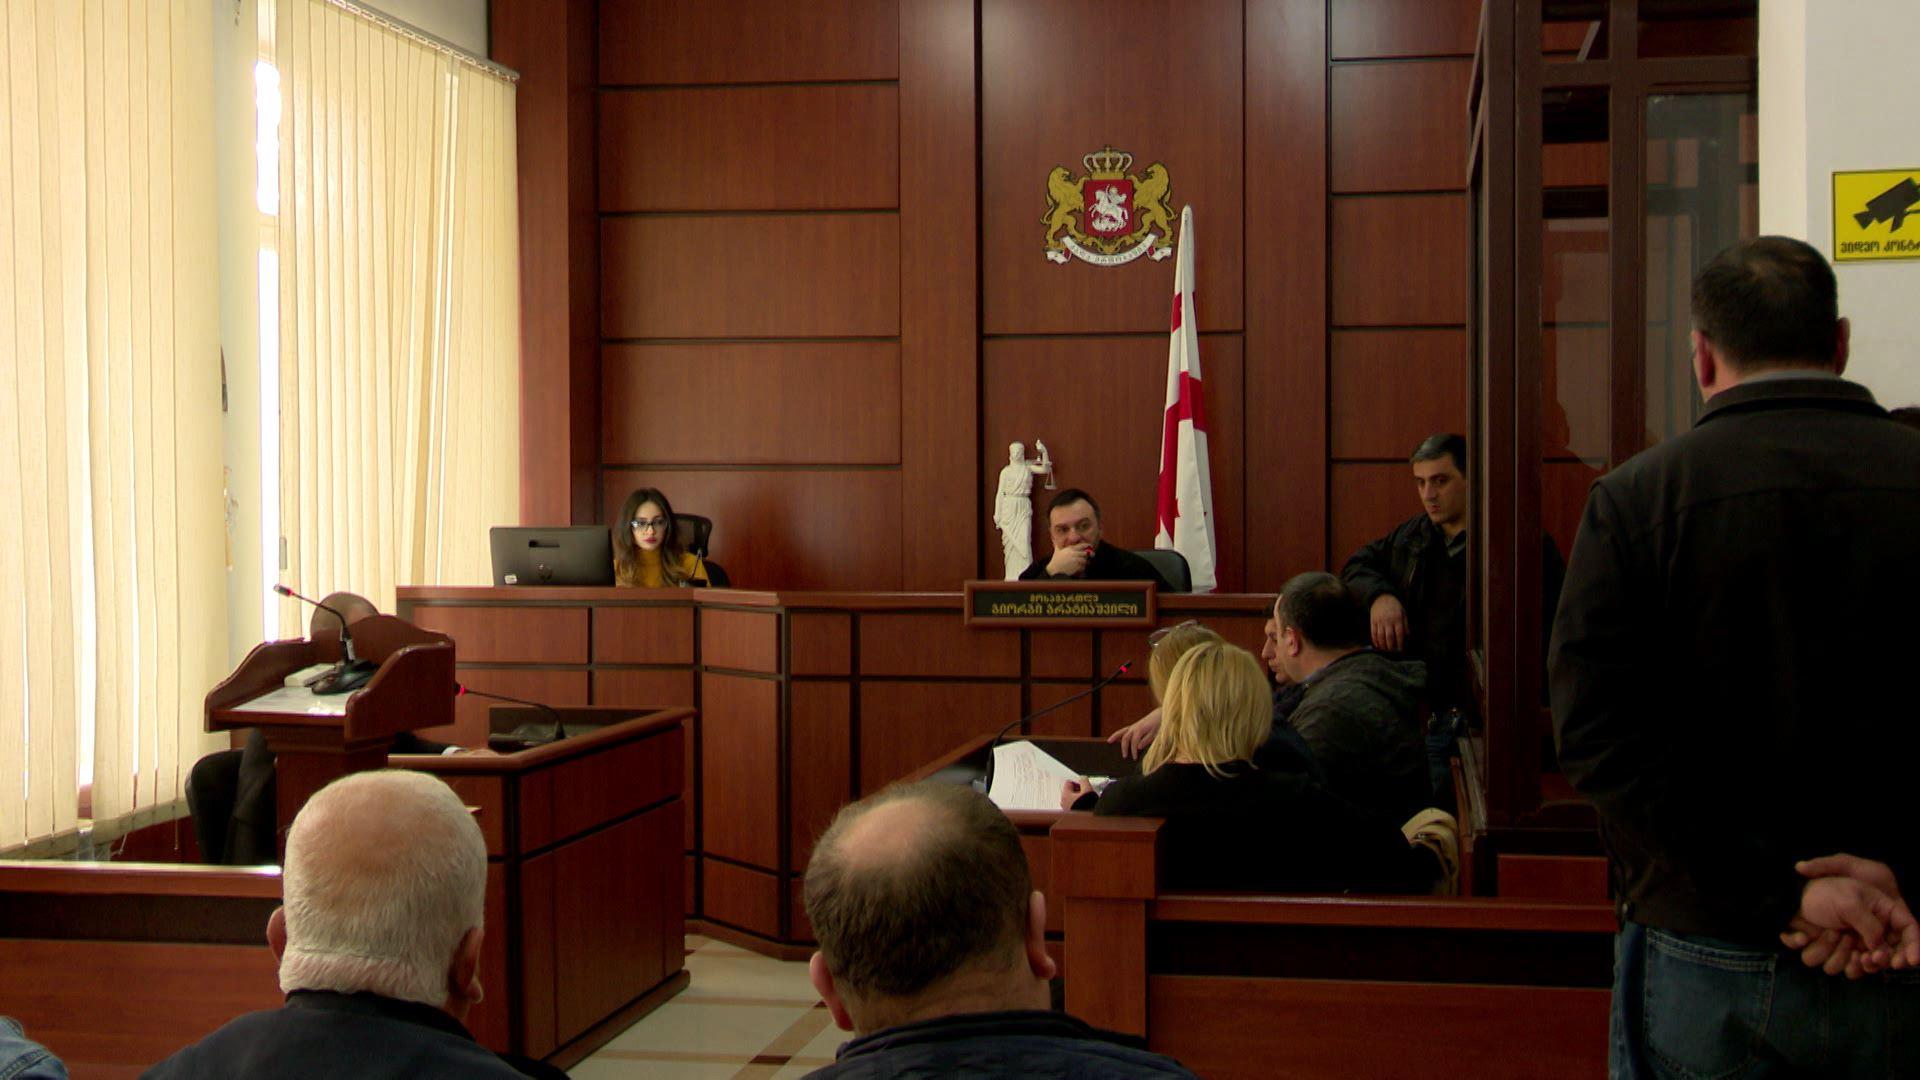 ''ლეოგრანდის'' საქმეზე სასამართლო დღეს ექსპერტებს დაკითხავენ